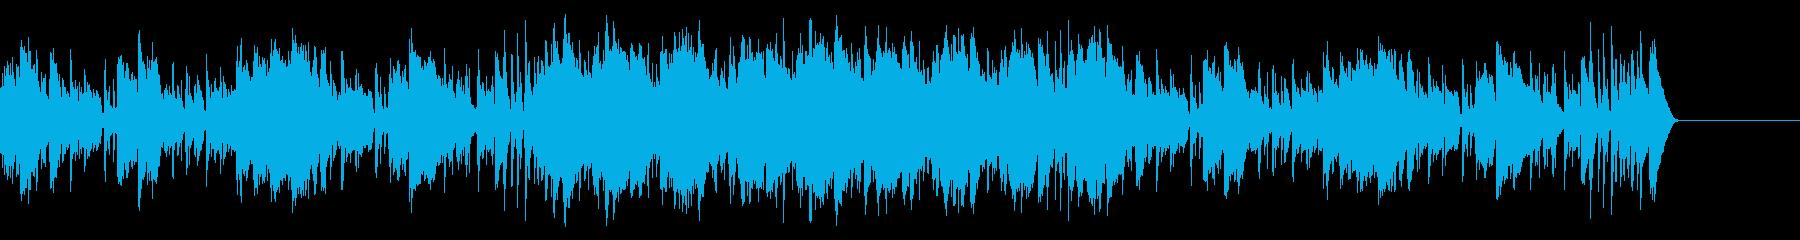 エンディング・大人な夏・ジャズの再生済みの波形